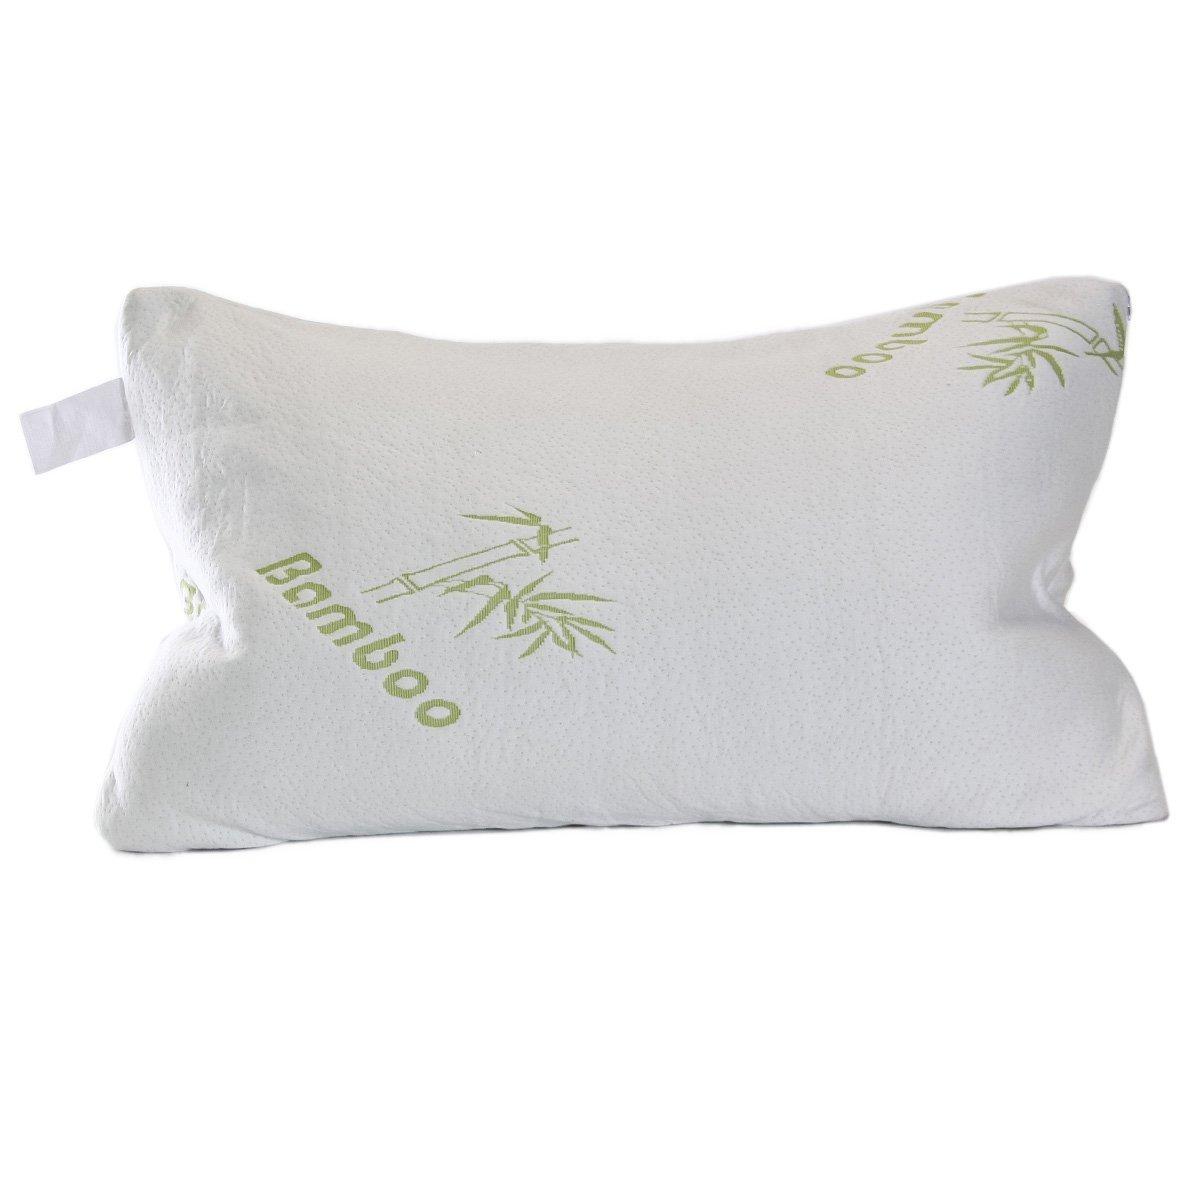 Bamboo Pillow w/ Adaptive Memory Foam: King $19, Queen  $14